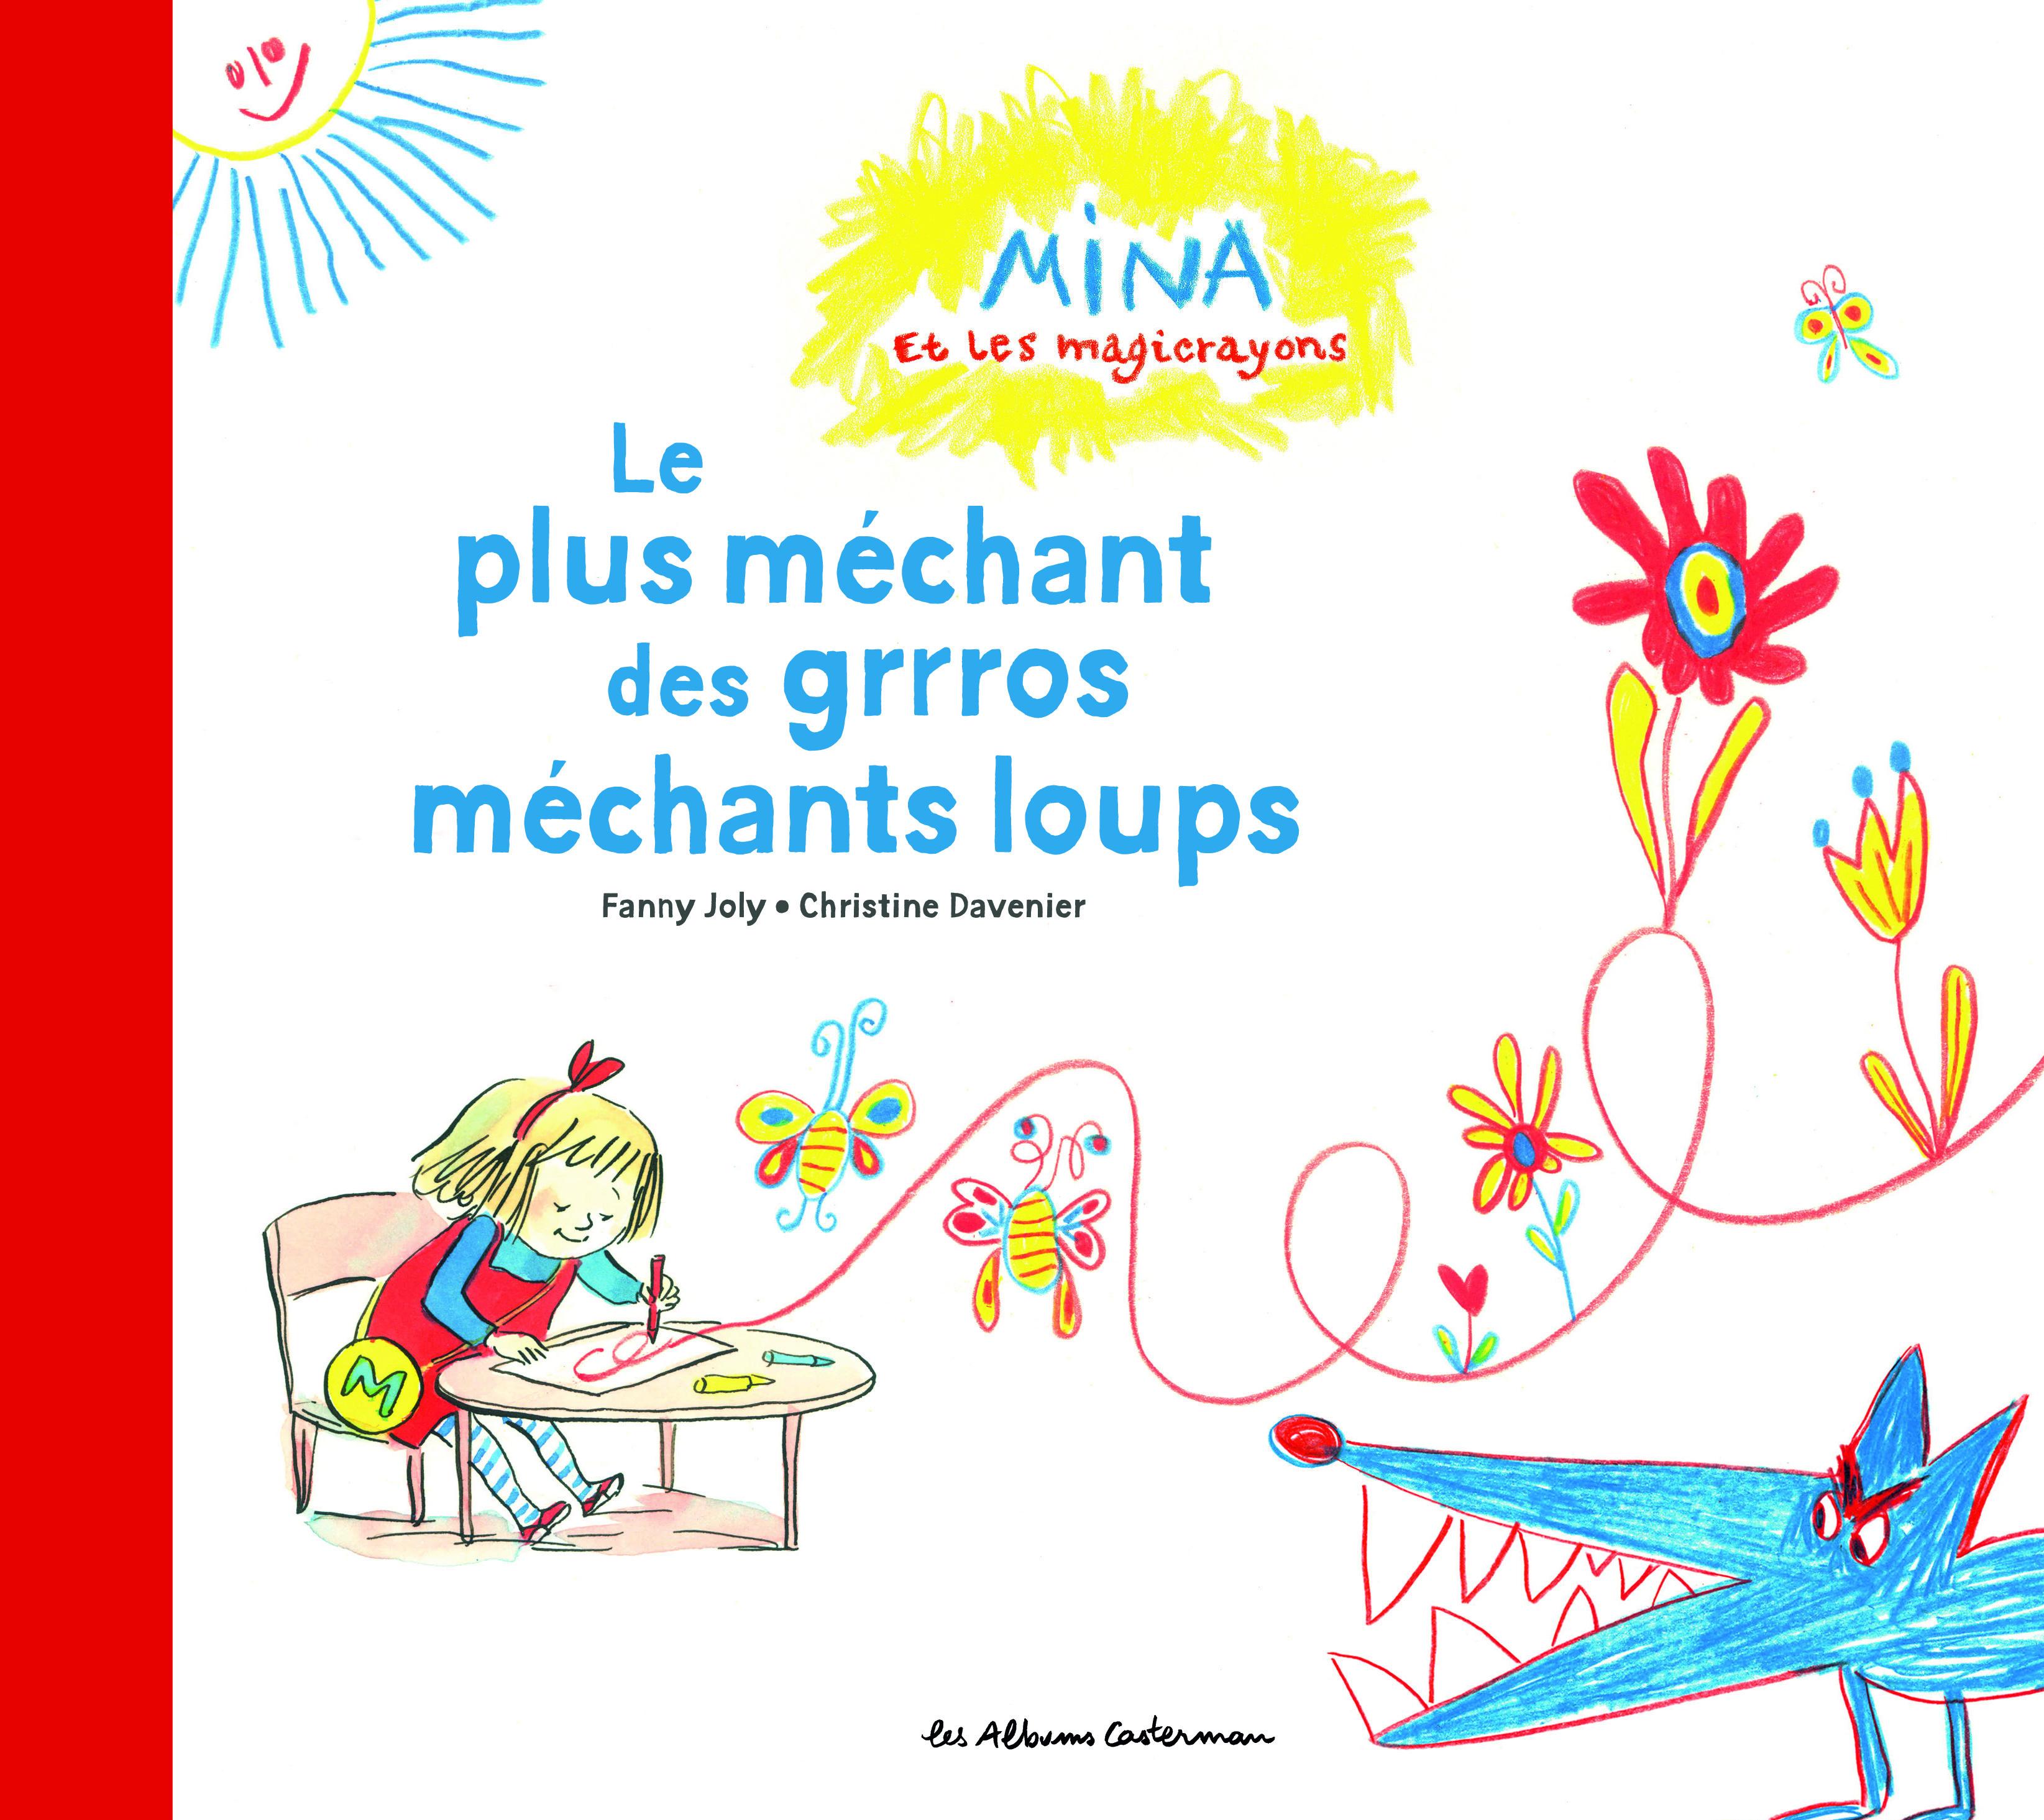 Mina et les magicrayons